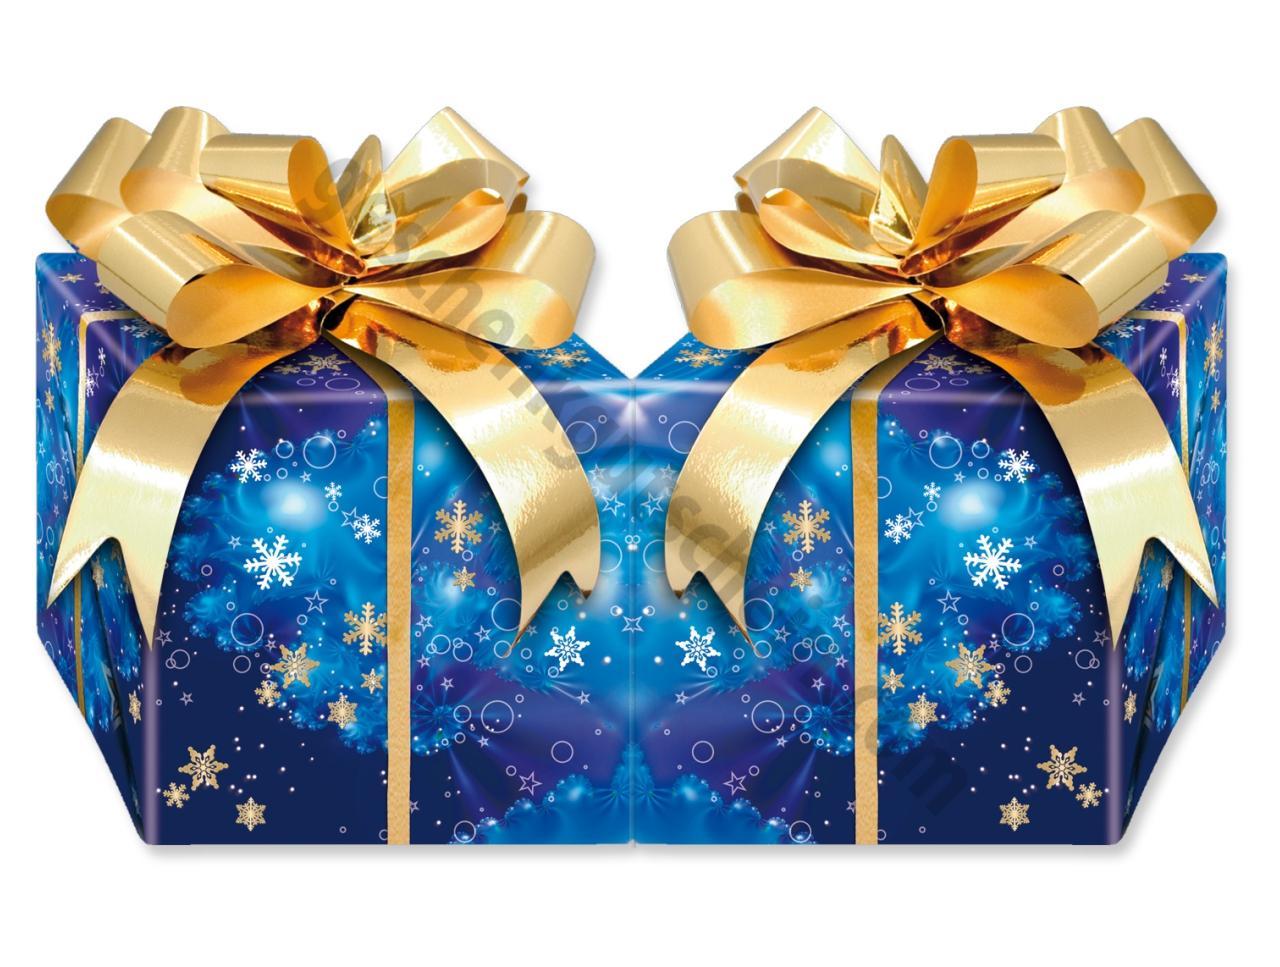 X103 Weihnachtsgeschenk   Geschenkgutschein.com - Mit den schönsten ...